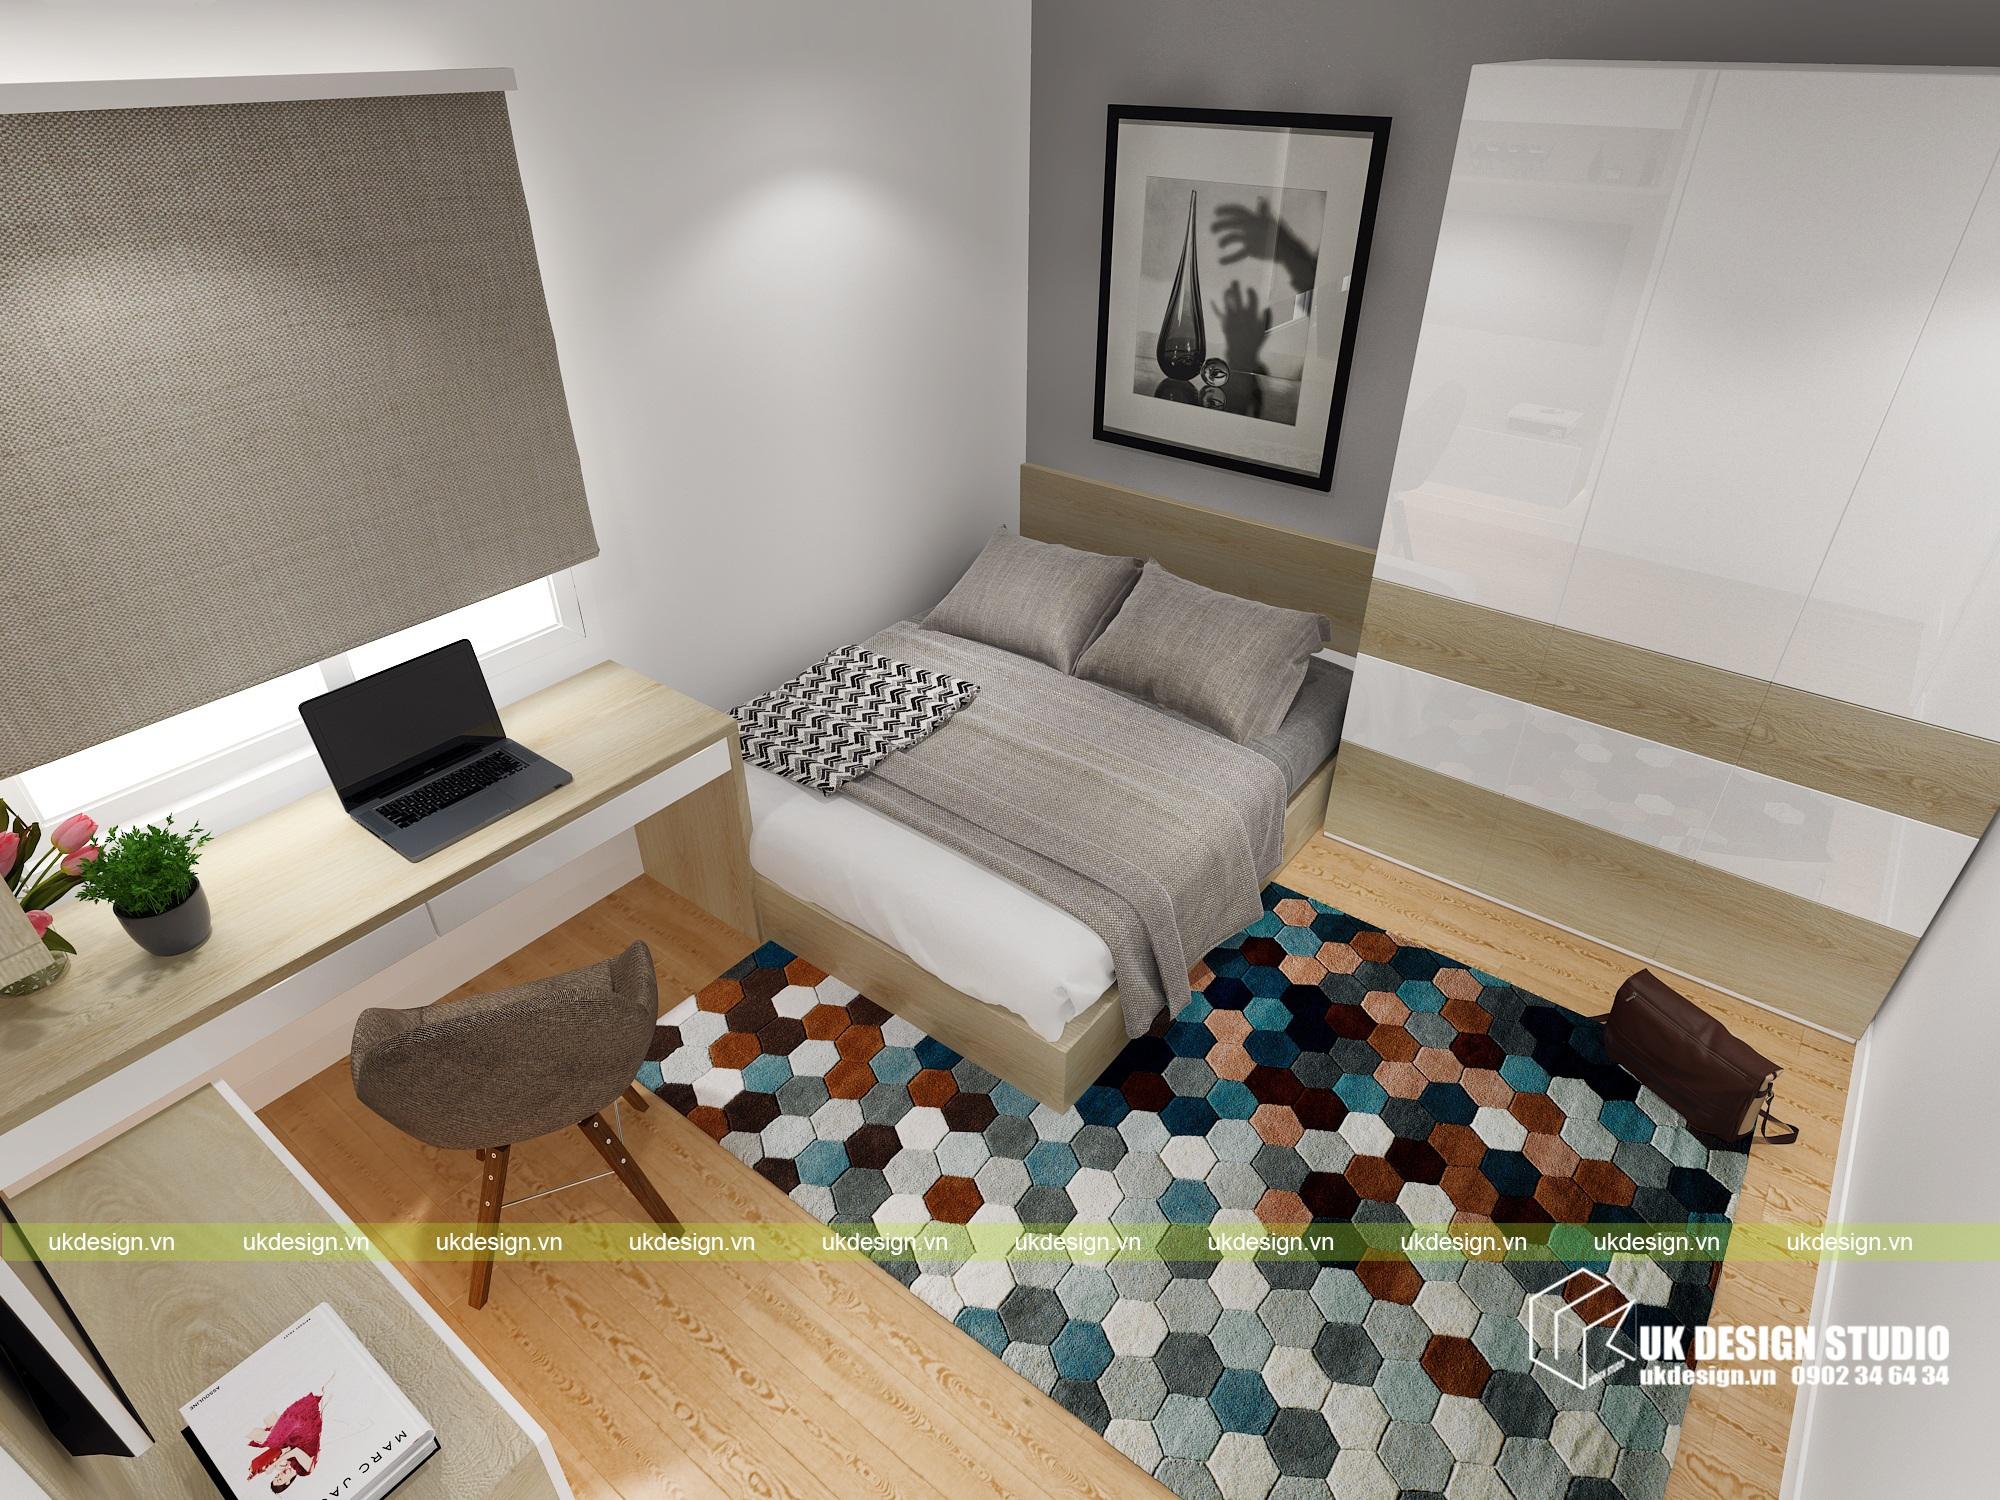 Thiết kế nội thất nhà phố hiện đại kết hợp văn phòng kinh doanh - 9